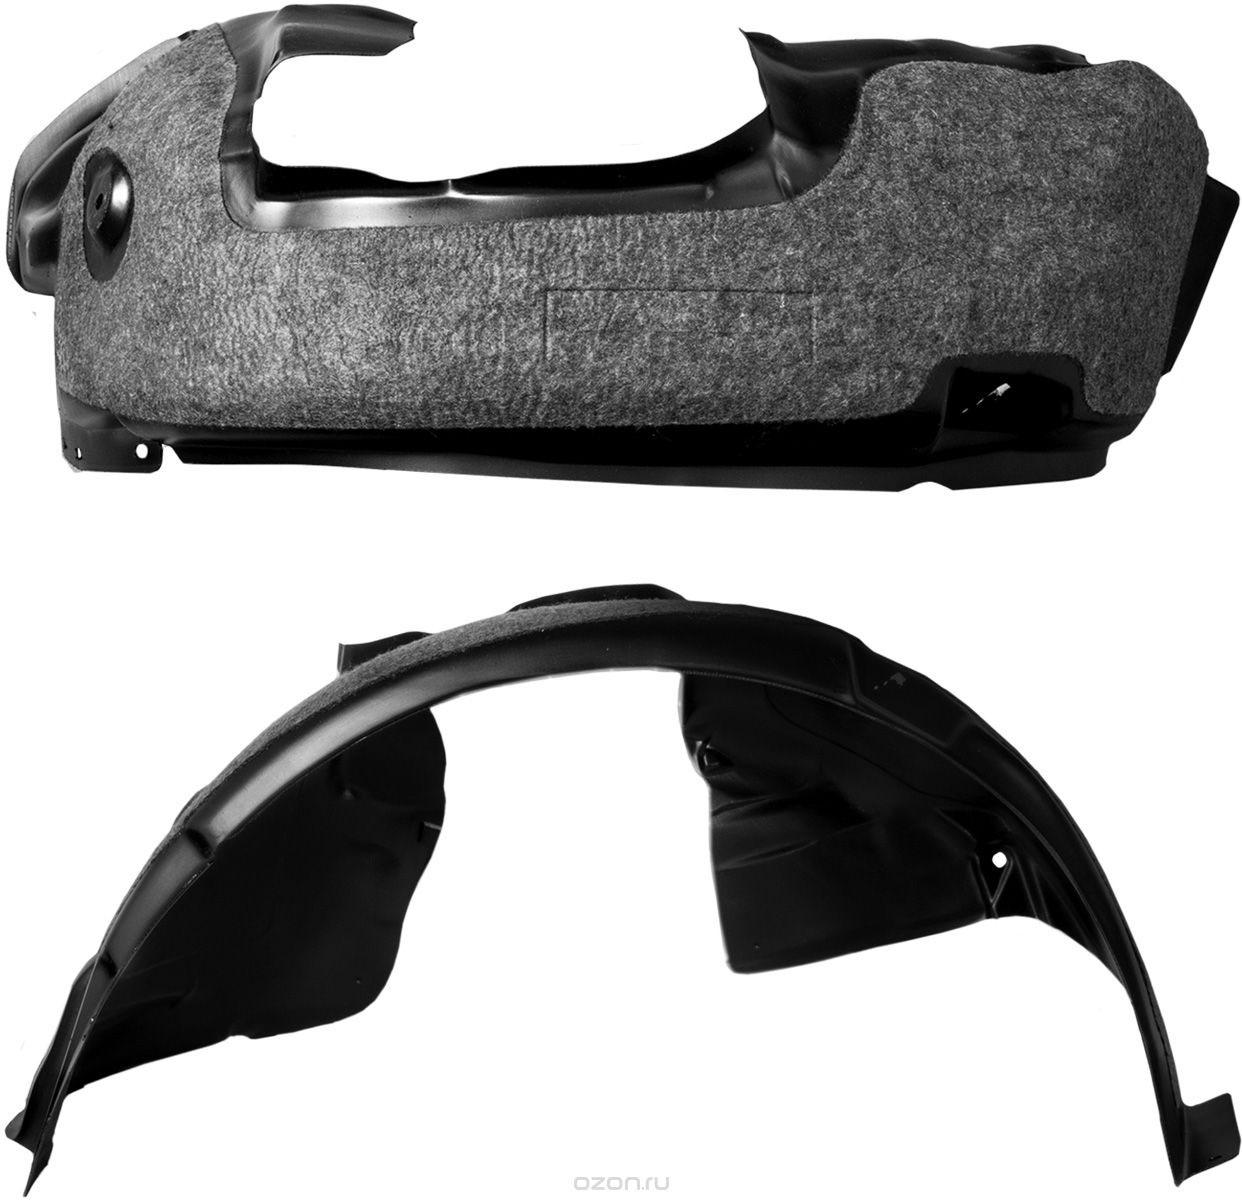 Подкрылок Novline-Autofamily, с шумоизоляцией, для GEELY X7, 2013->, задний левый42803004Идеальная защита колесной ниши. Локеры разработаны с применением цифровых технологий, гарантируют максимальную повторяемость поверхности арки. Изделия устанавливаются без нарушения лакокрасочного покрытия автомобиля, каждый подкрылок комплектуется крепежом. Уважаемые клиенты, обращаем ваше внимание, что фотографии на подкрылки универсальные и не отражают реальную форму изделия. При этом само изделие идет точно под размер указанного автомобиля.